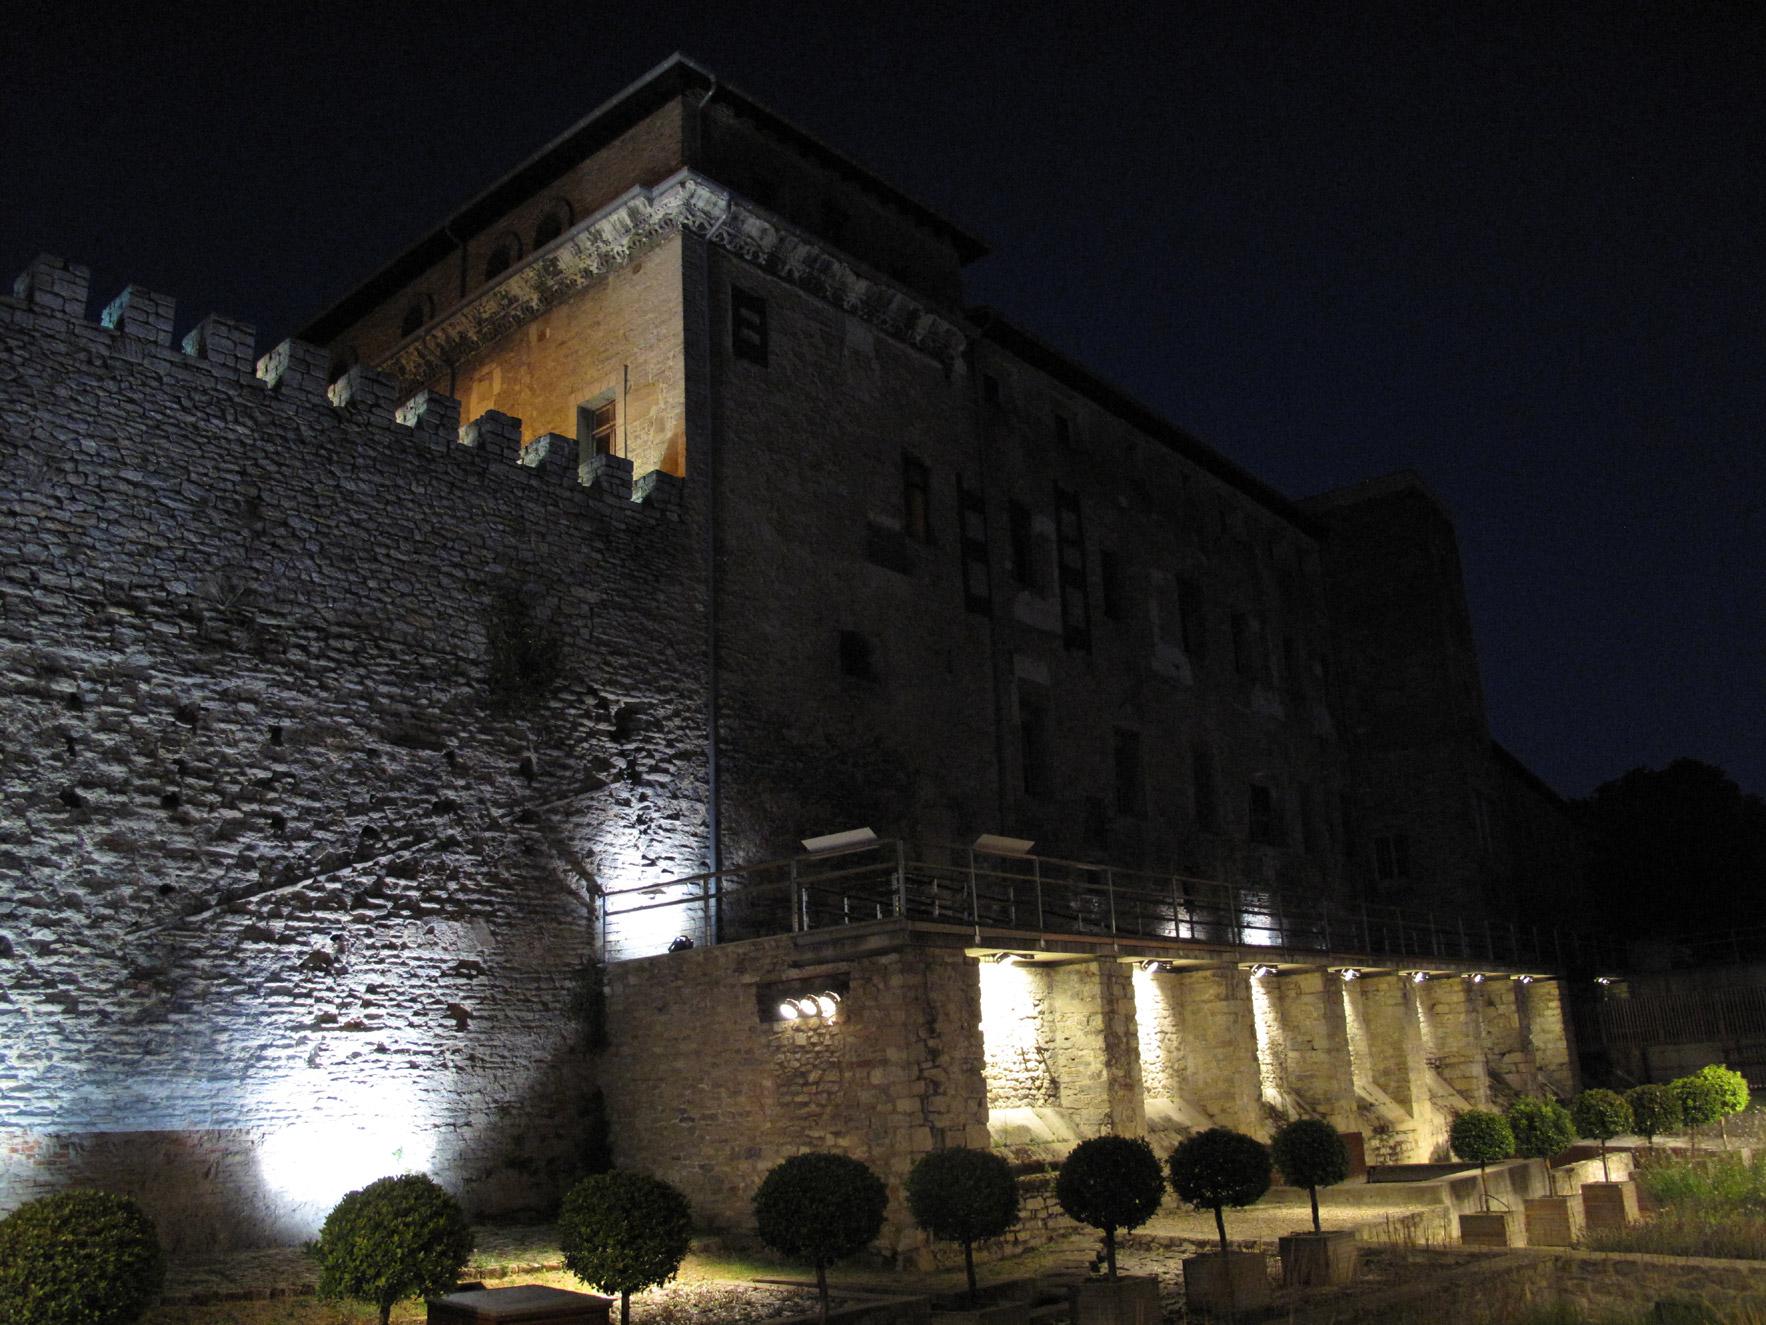 muralla vitoria_restauracion_apraiz_palacio de Escoriaza - Esquivel